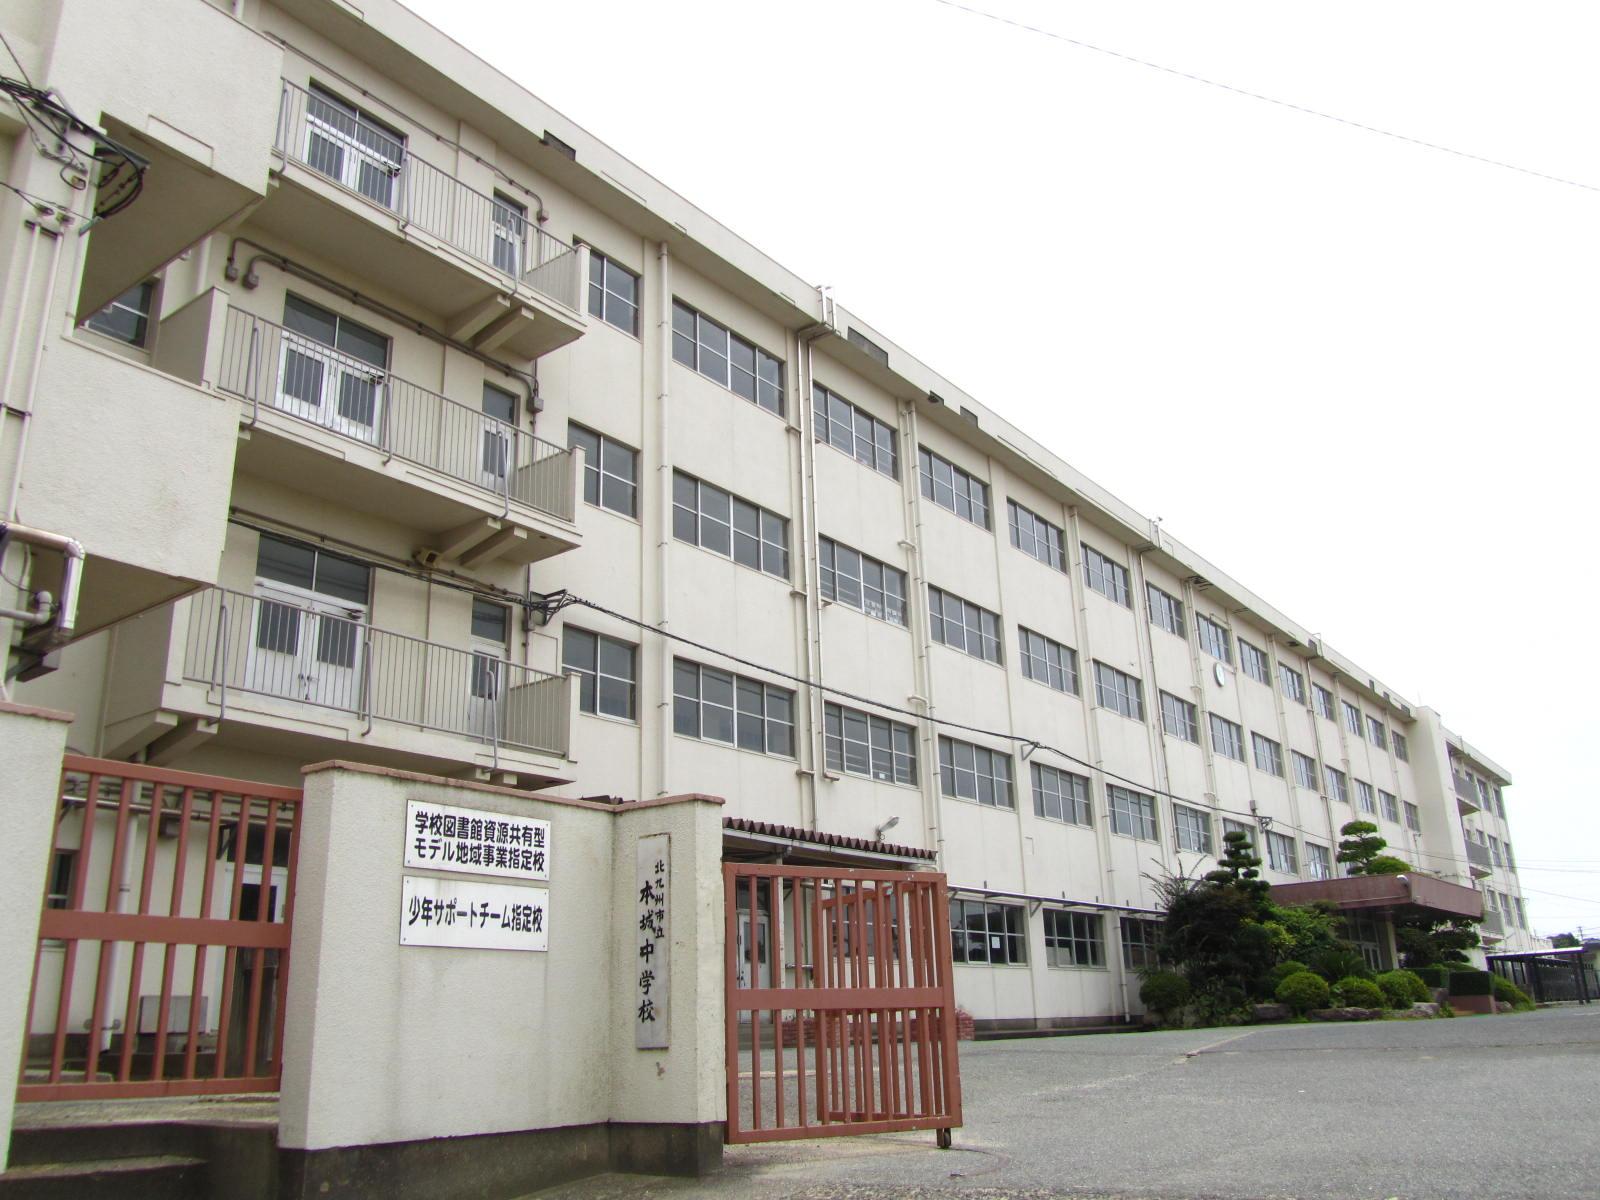 中学校:北九州市立本城中学校 894m